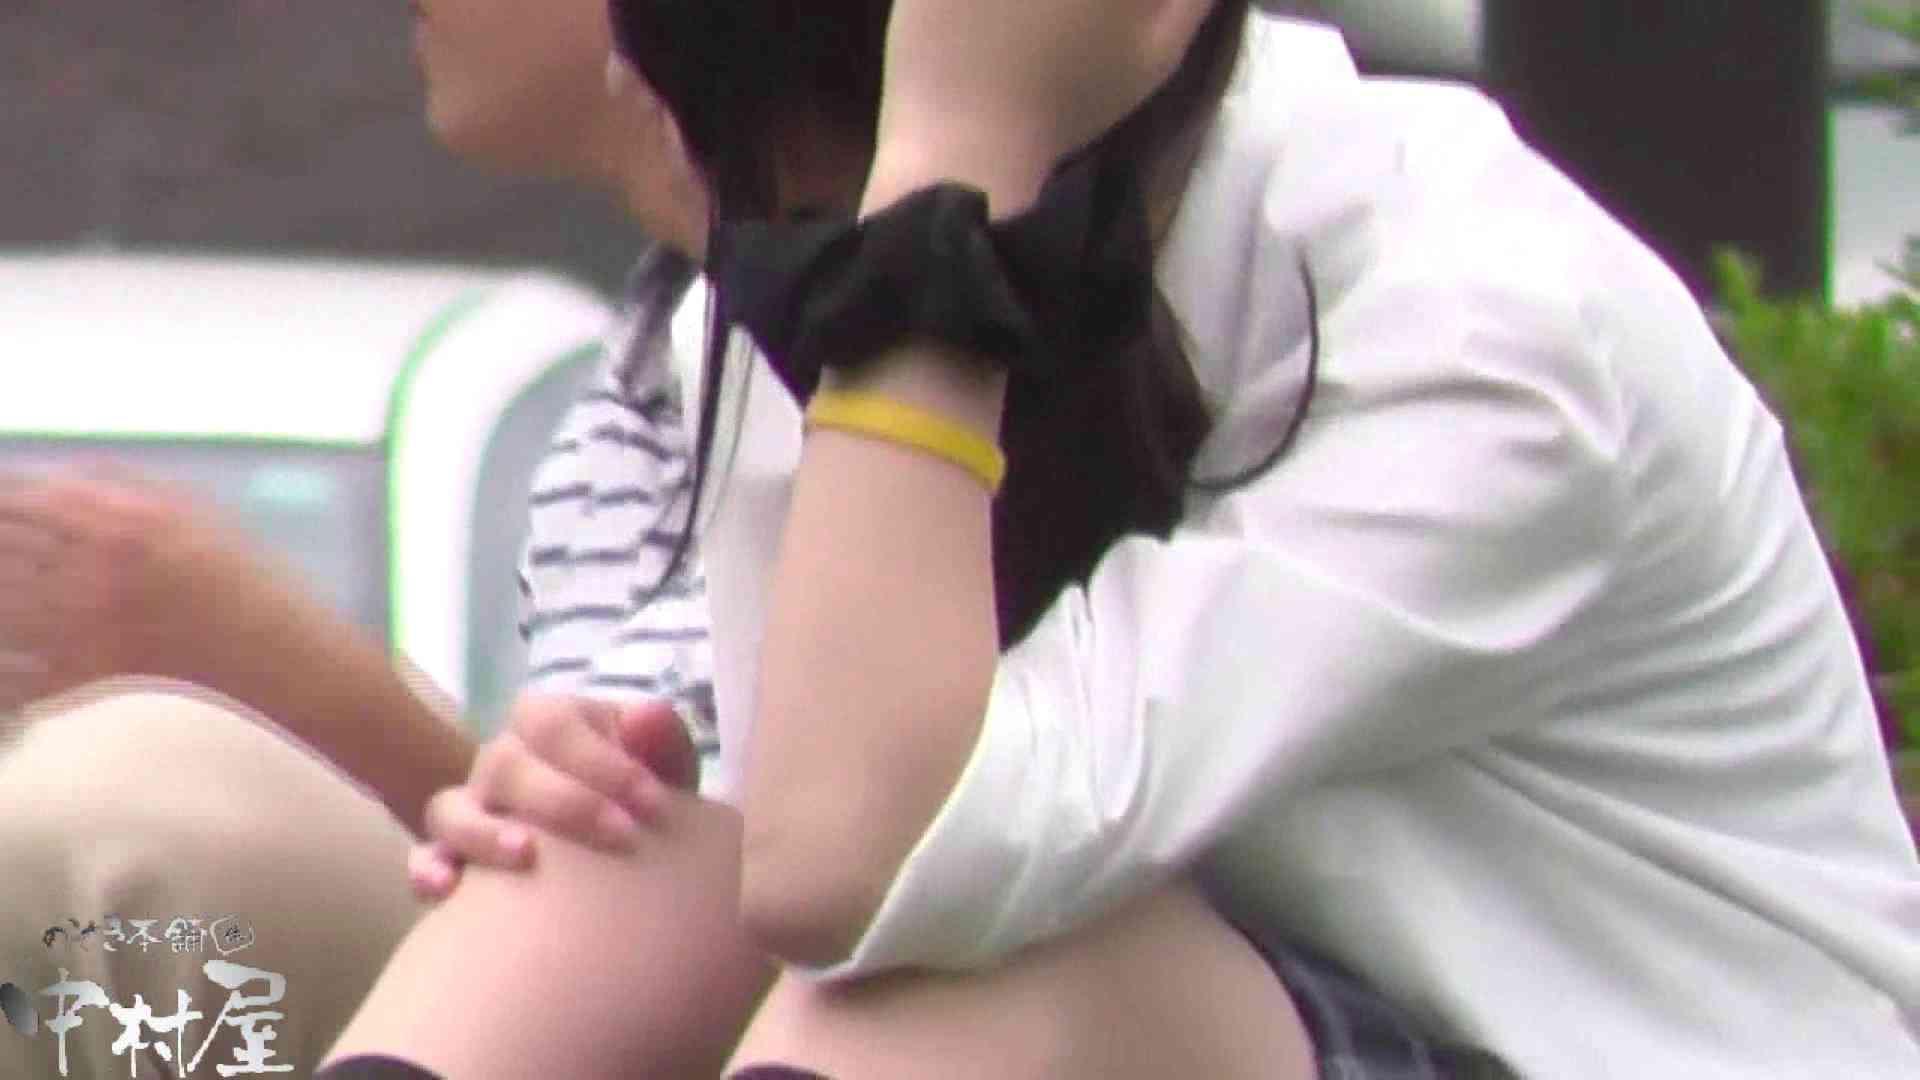 ドキドキ❤新入生パンチラ歓迎会vol.18 乙女 オメコ動画キャプチャ 86画像 34